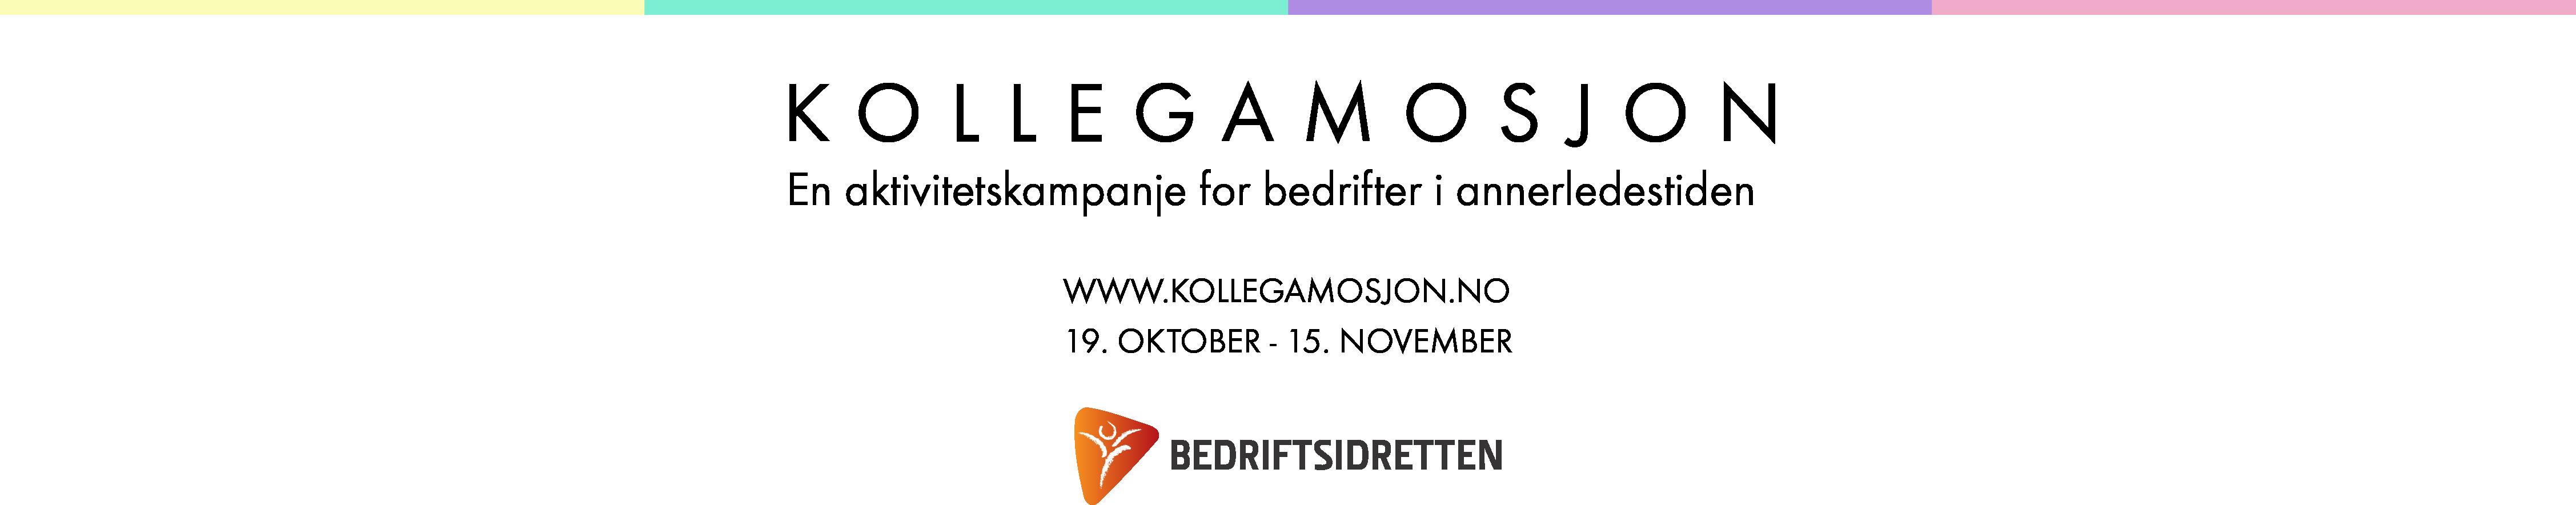 KOLLEGAMSJON: En aktivitetskampanje for bedrifter i annerledestiden. 19. Oktober - 15. November. Laget av Bedriftsidretten.